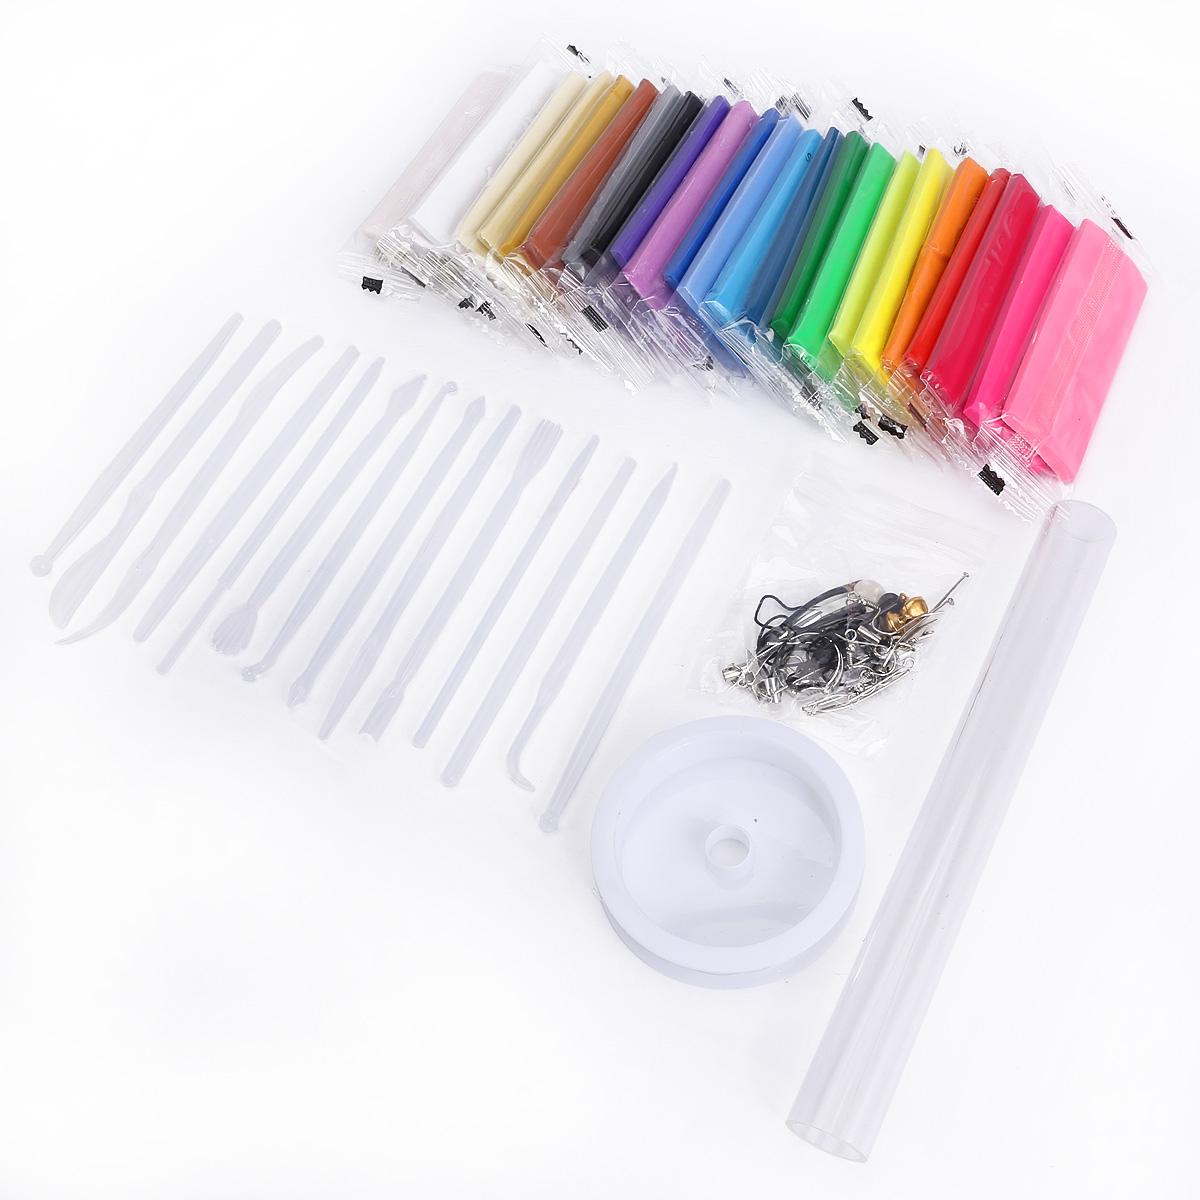 kit 24 couleurs p te polym re fimo b tonnet modelage accessoire bijoux rouleau. Black Bedroom Furniture Sets. Home Design Ideas